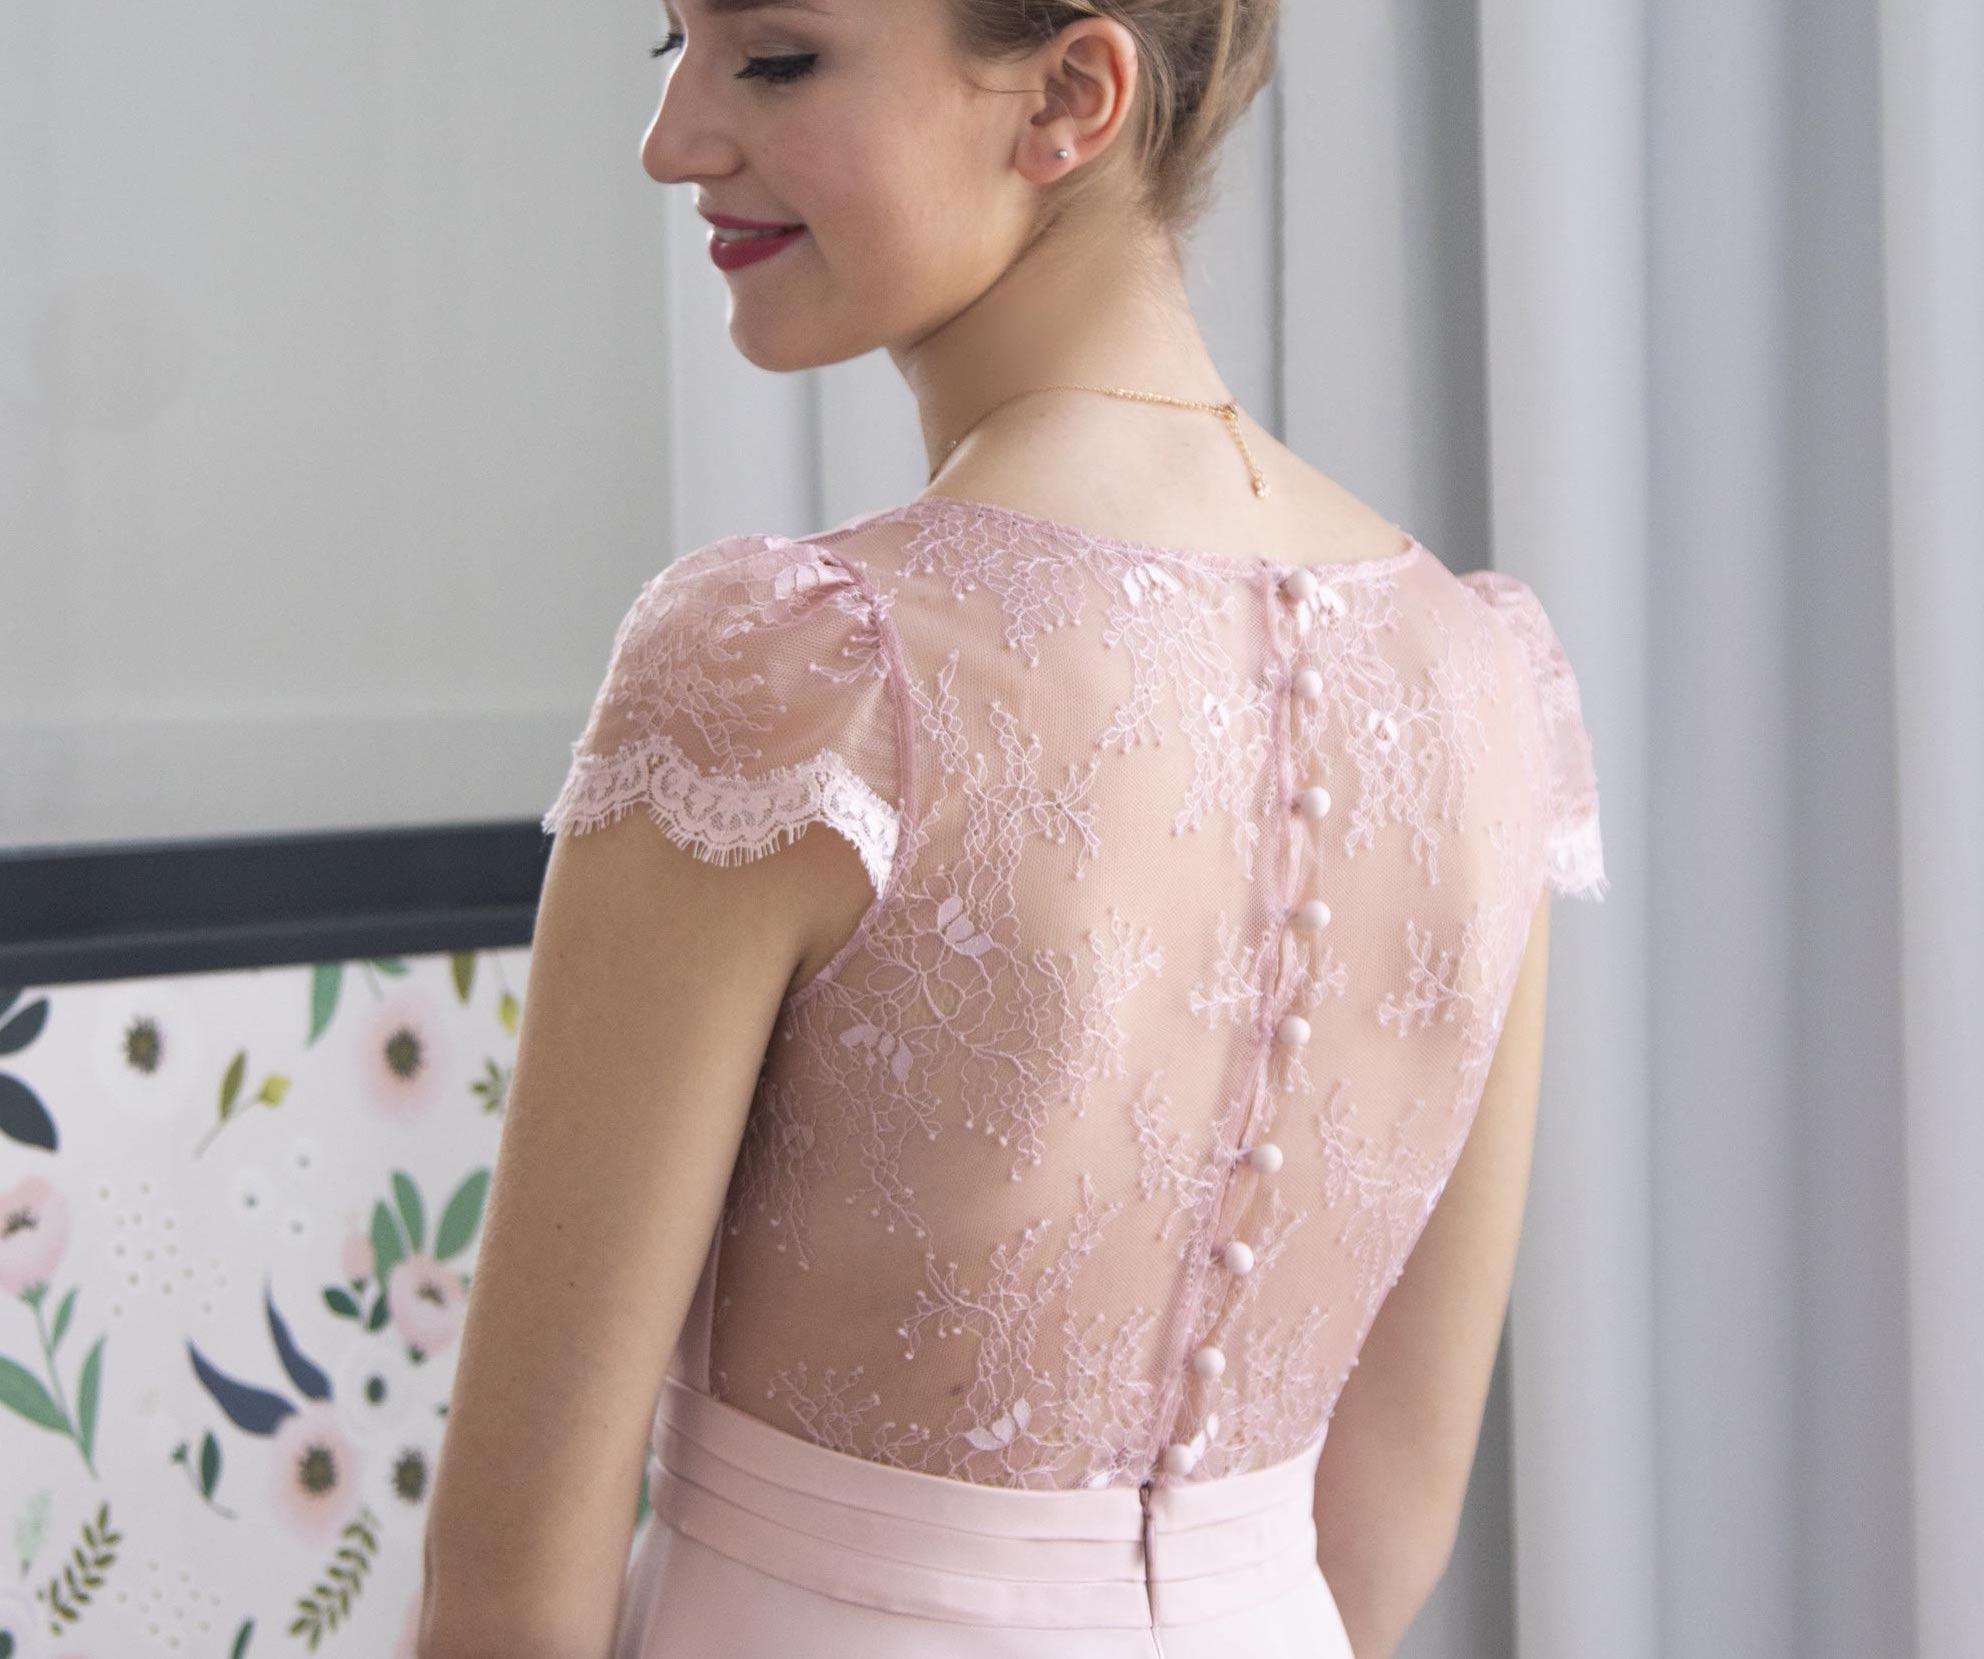 Très gros plan sur le dos en denetlle de Chantilly de notre robe Jeanelle rose poudré.